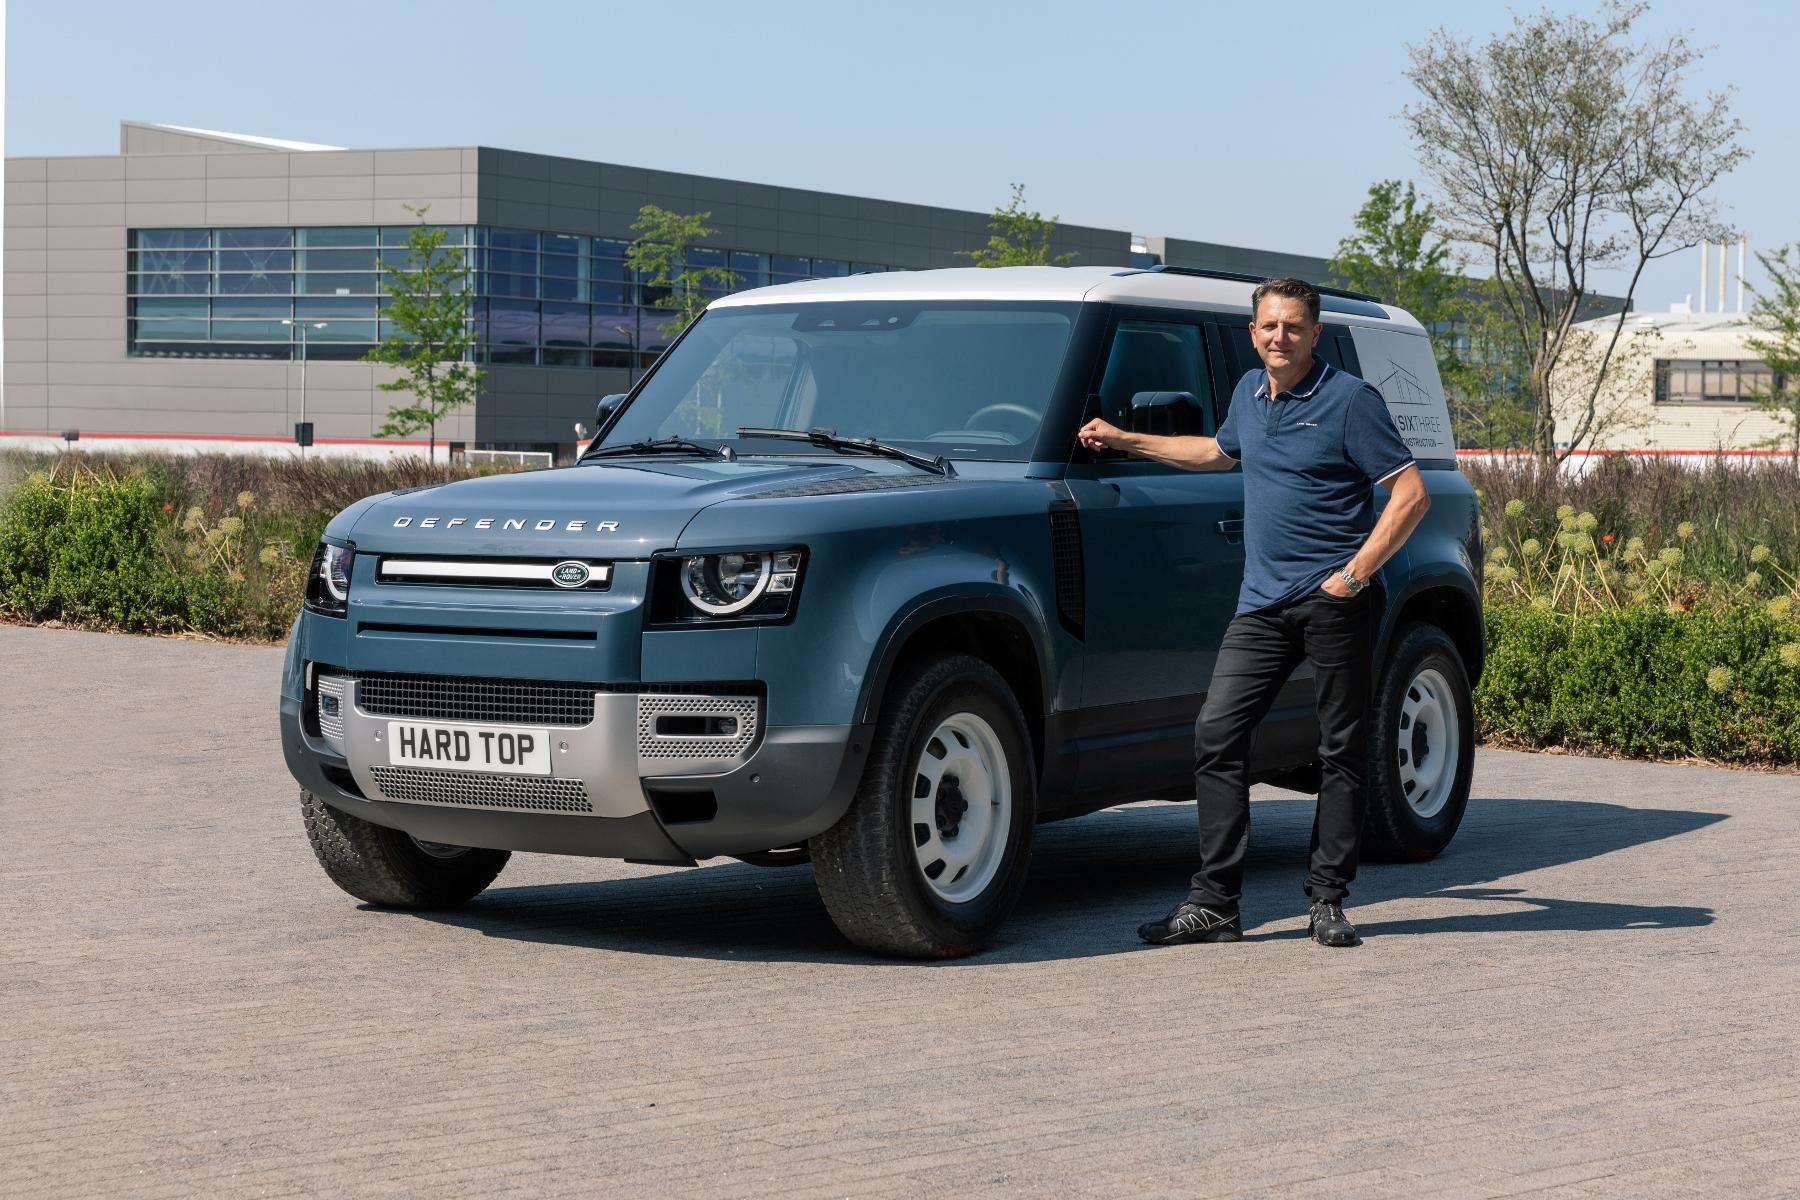 Nový Land Rover Defender prichádza v úžitkovej verzii Hard Top m7G5vkoaBt 4lrdefhardtopnickrogers300